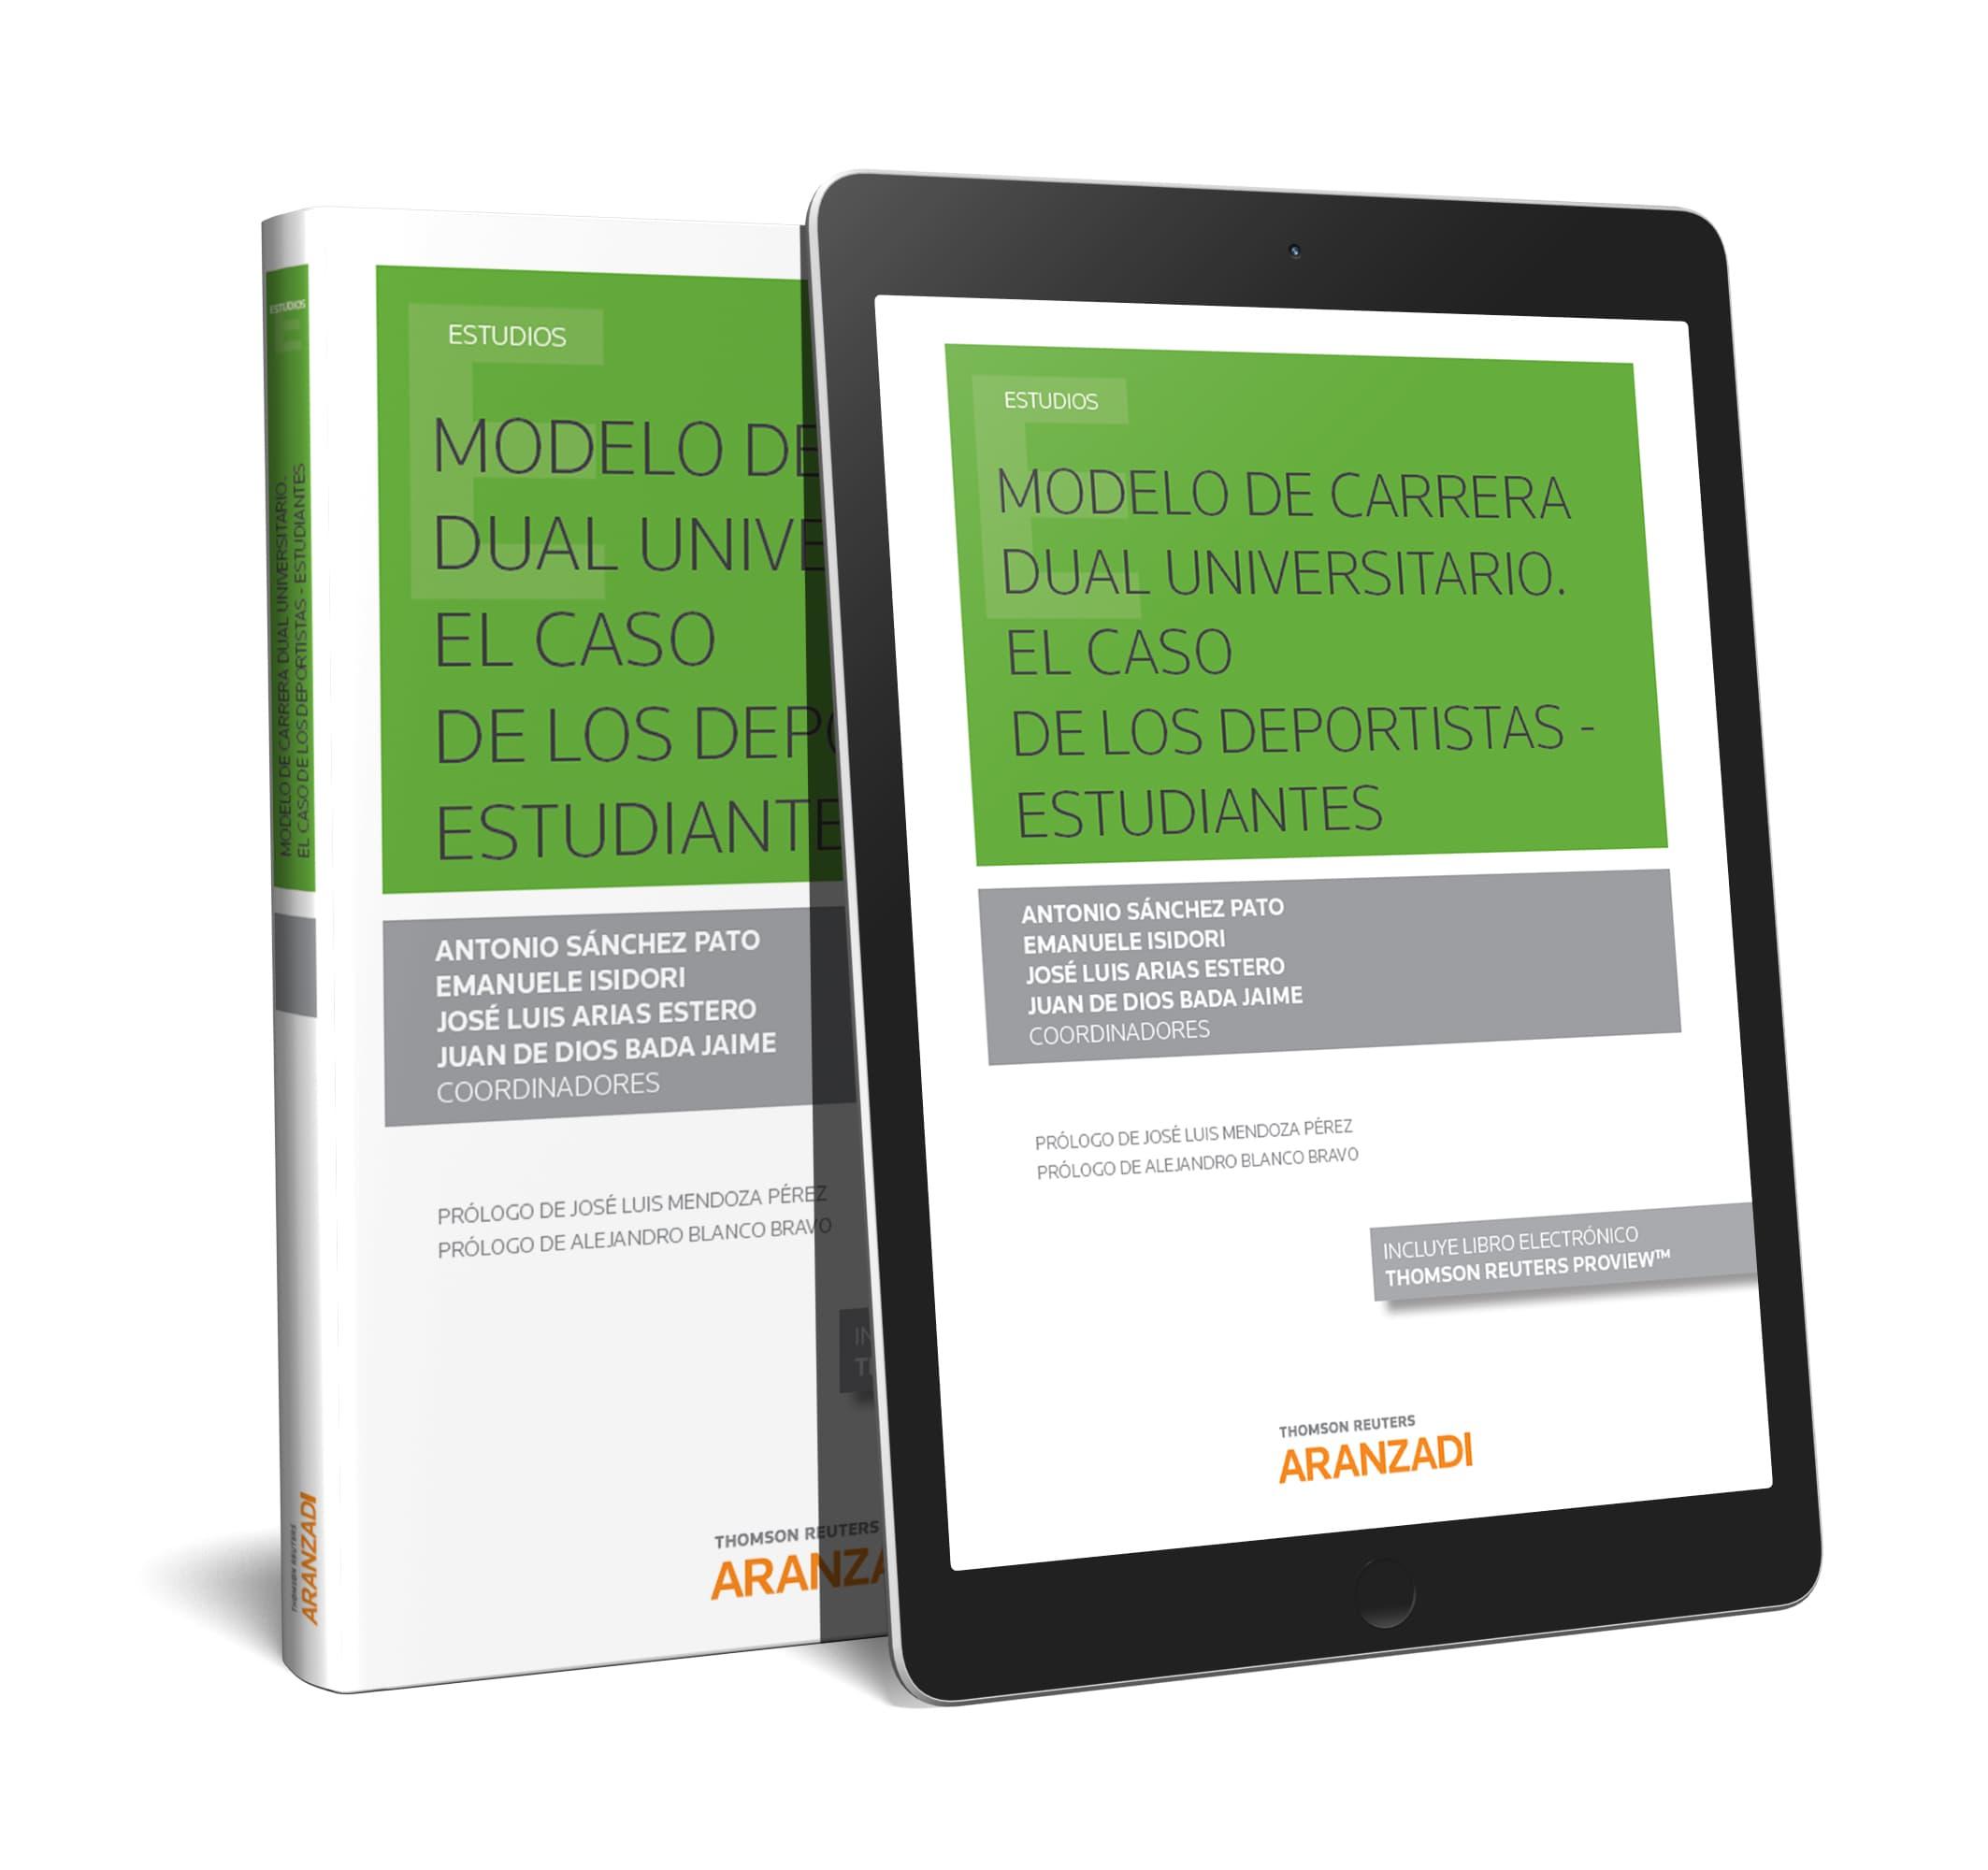 MODELO DE CARRERA DUAL UNIVERSITARIO (DUO). «EL CASO DE LOS DEPORTISTAS - ESTUDIANTES»